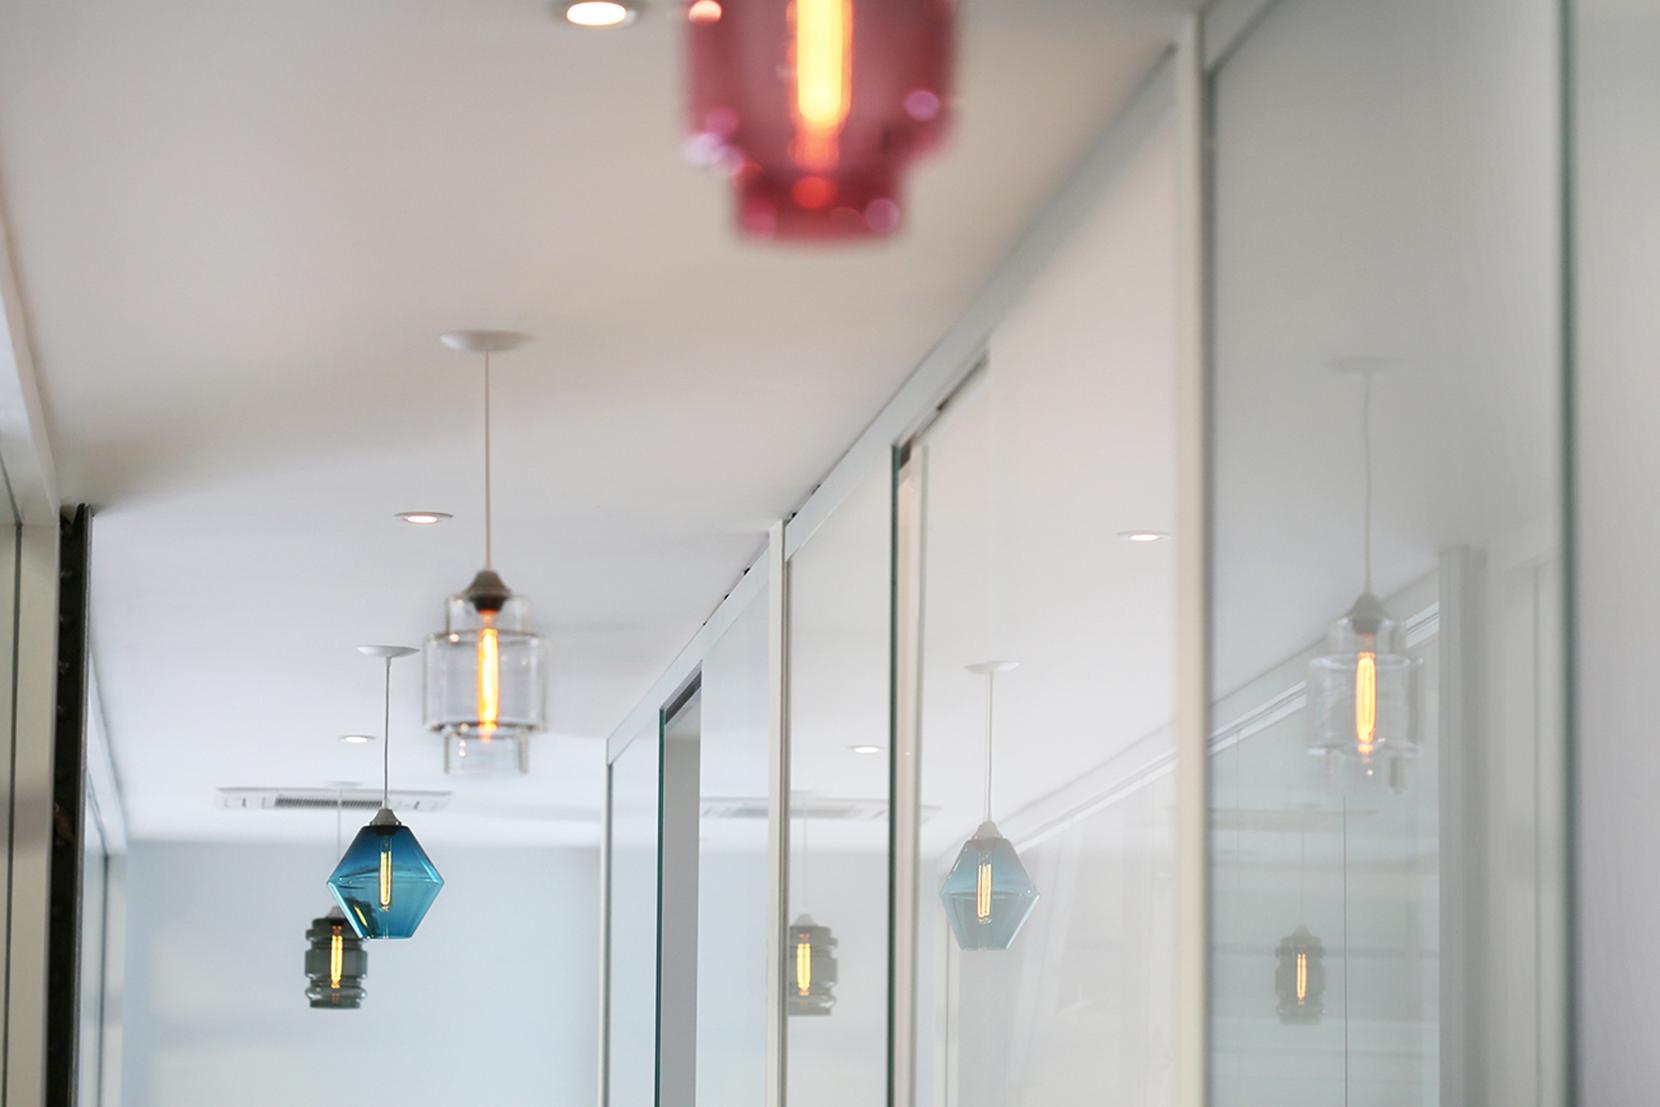 Office pendant light Circular Read More Niche Modern Modern Office Lighting